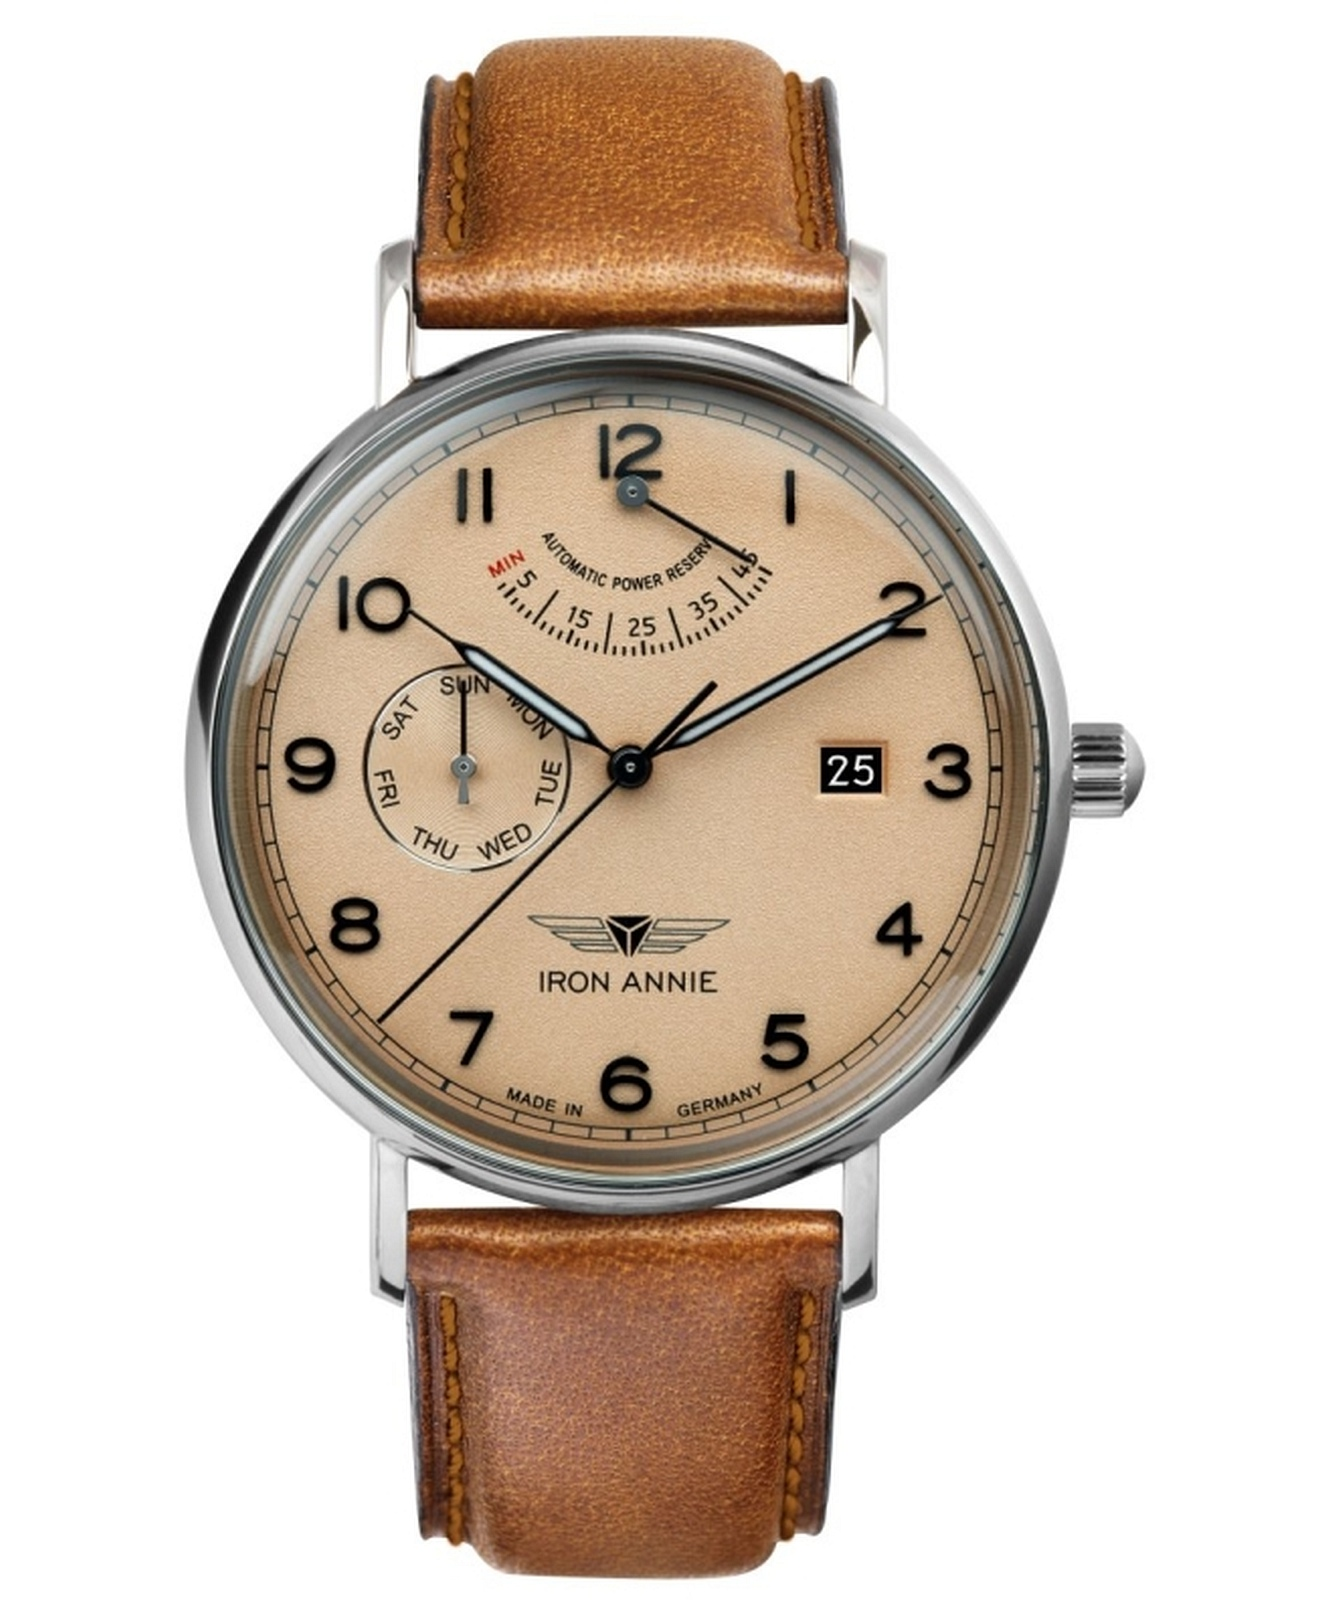 zegarek-meski-iron-annie-d-aqui-automatik-ia-5960-3